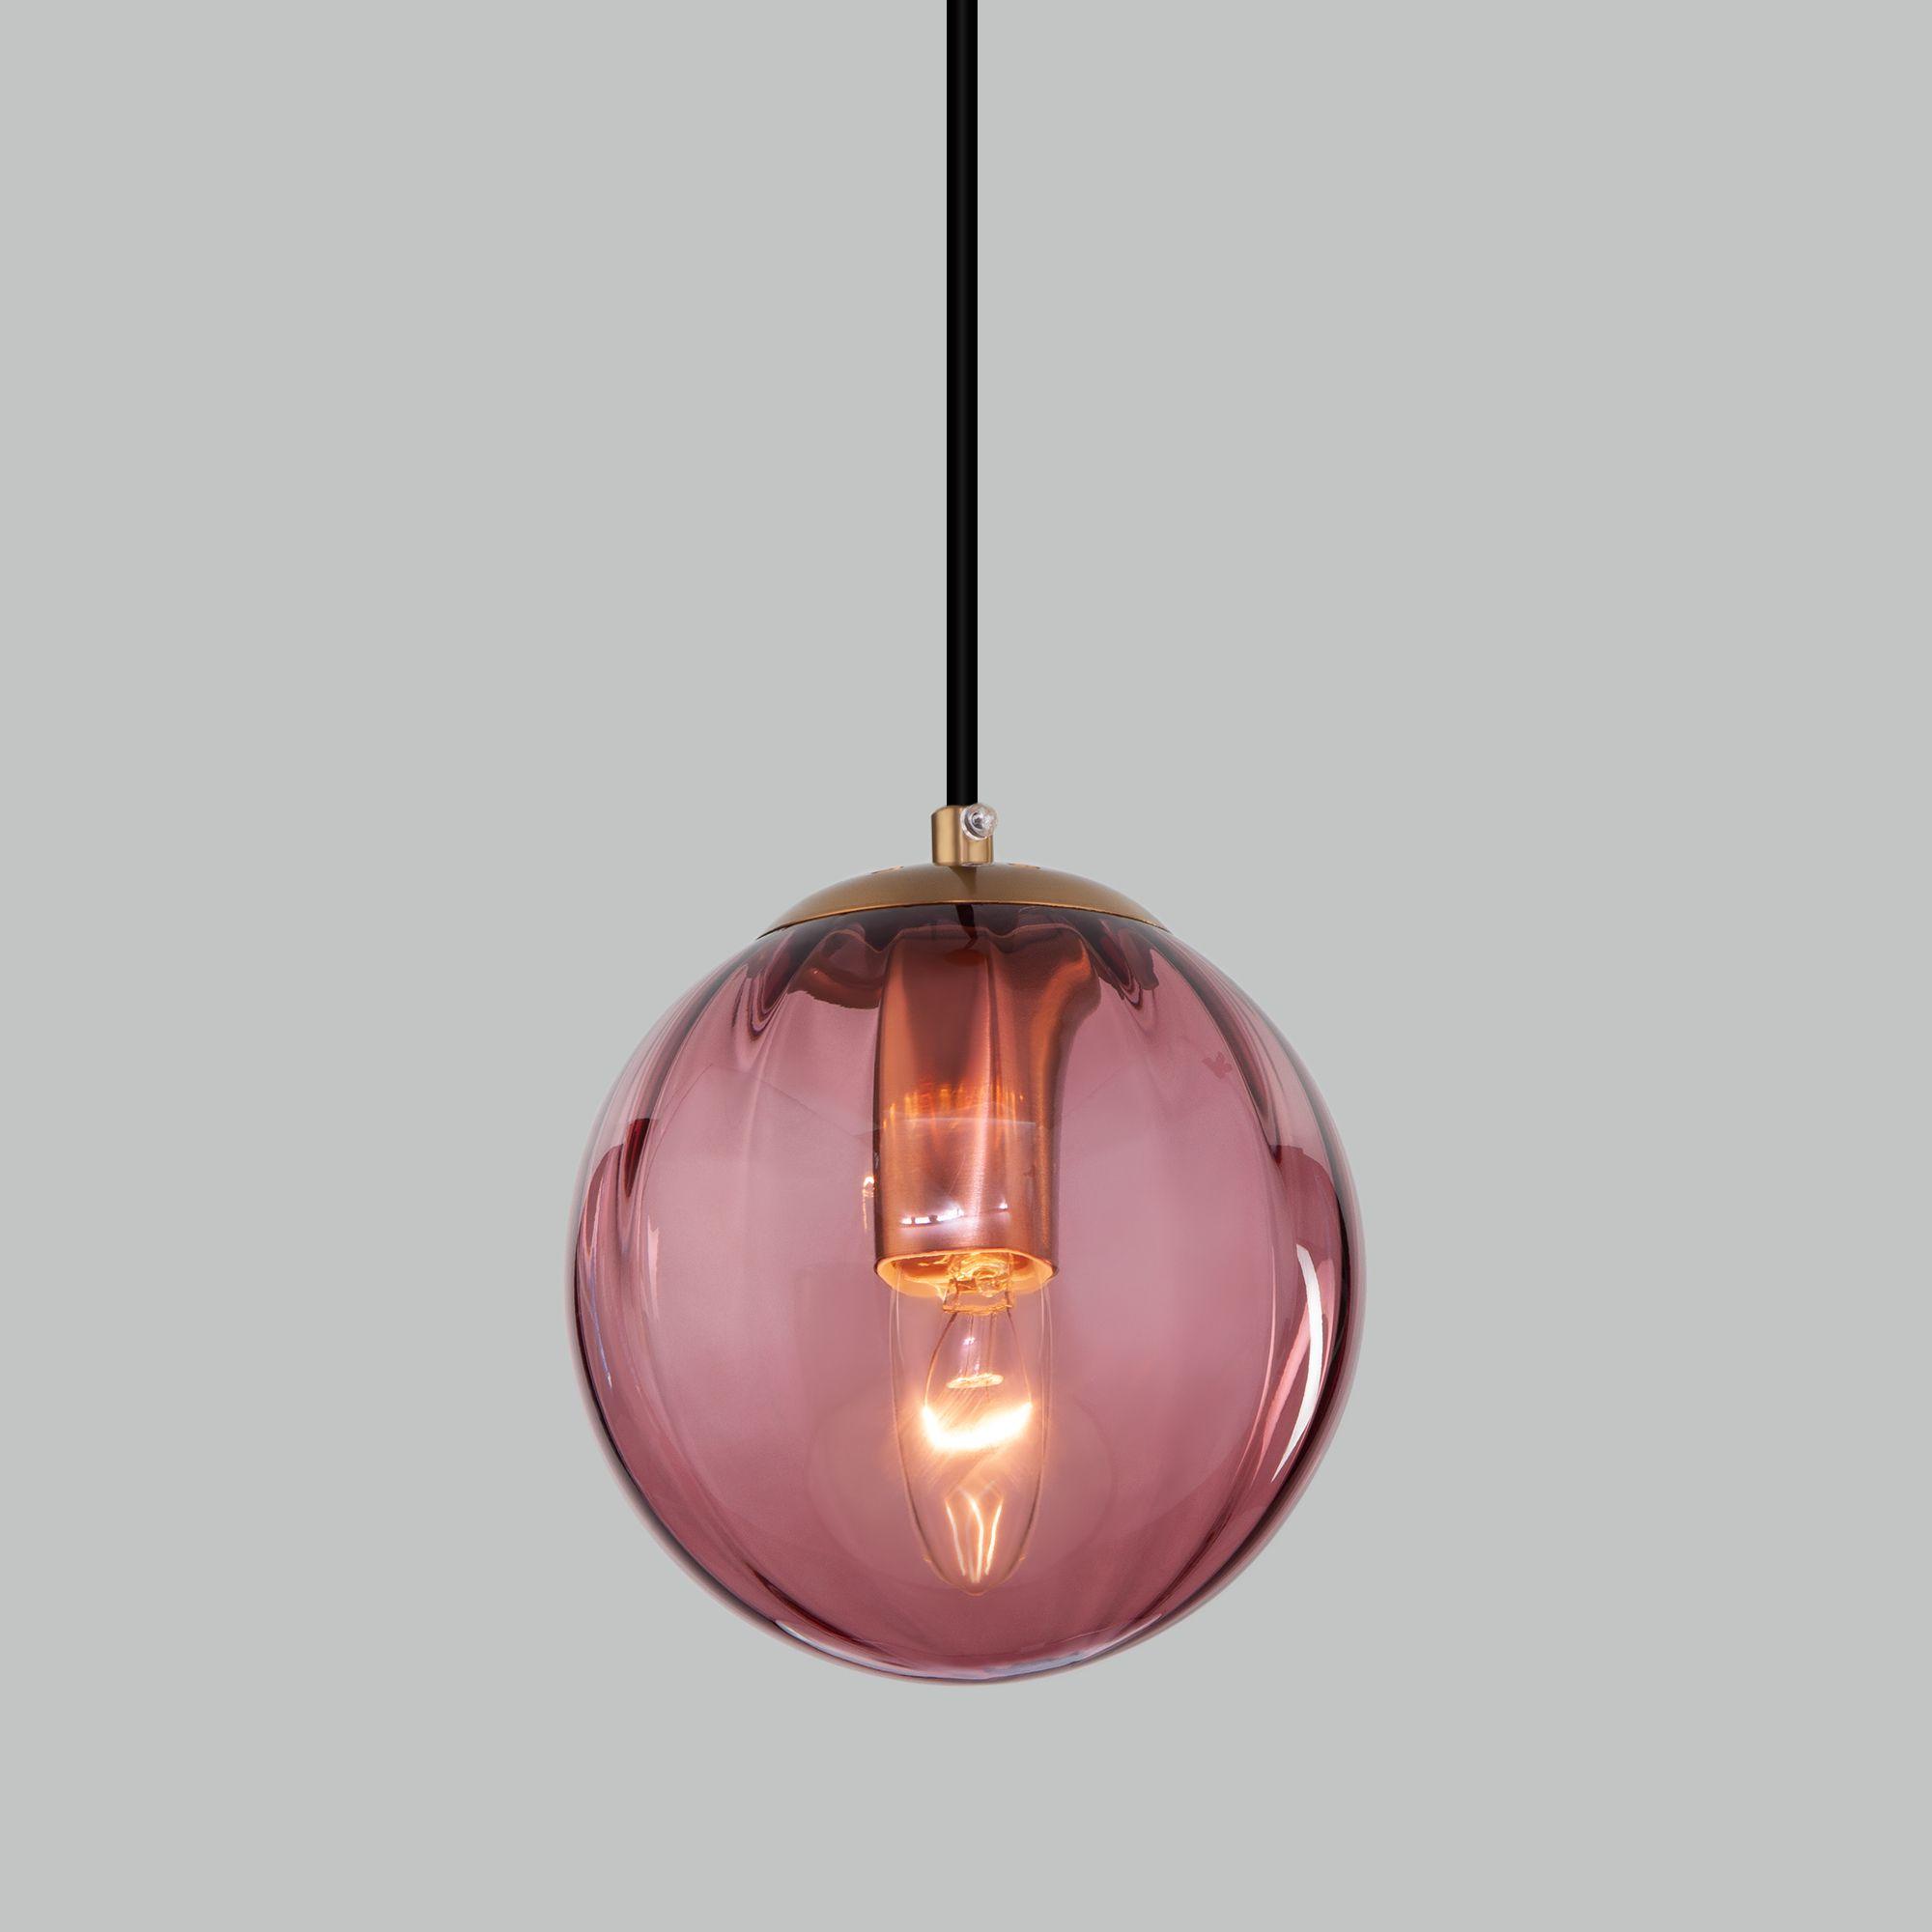 Подвесной светильник со стеклянным плафоном 50207/1 бордовый